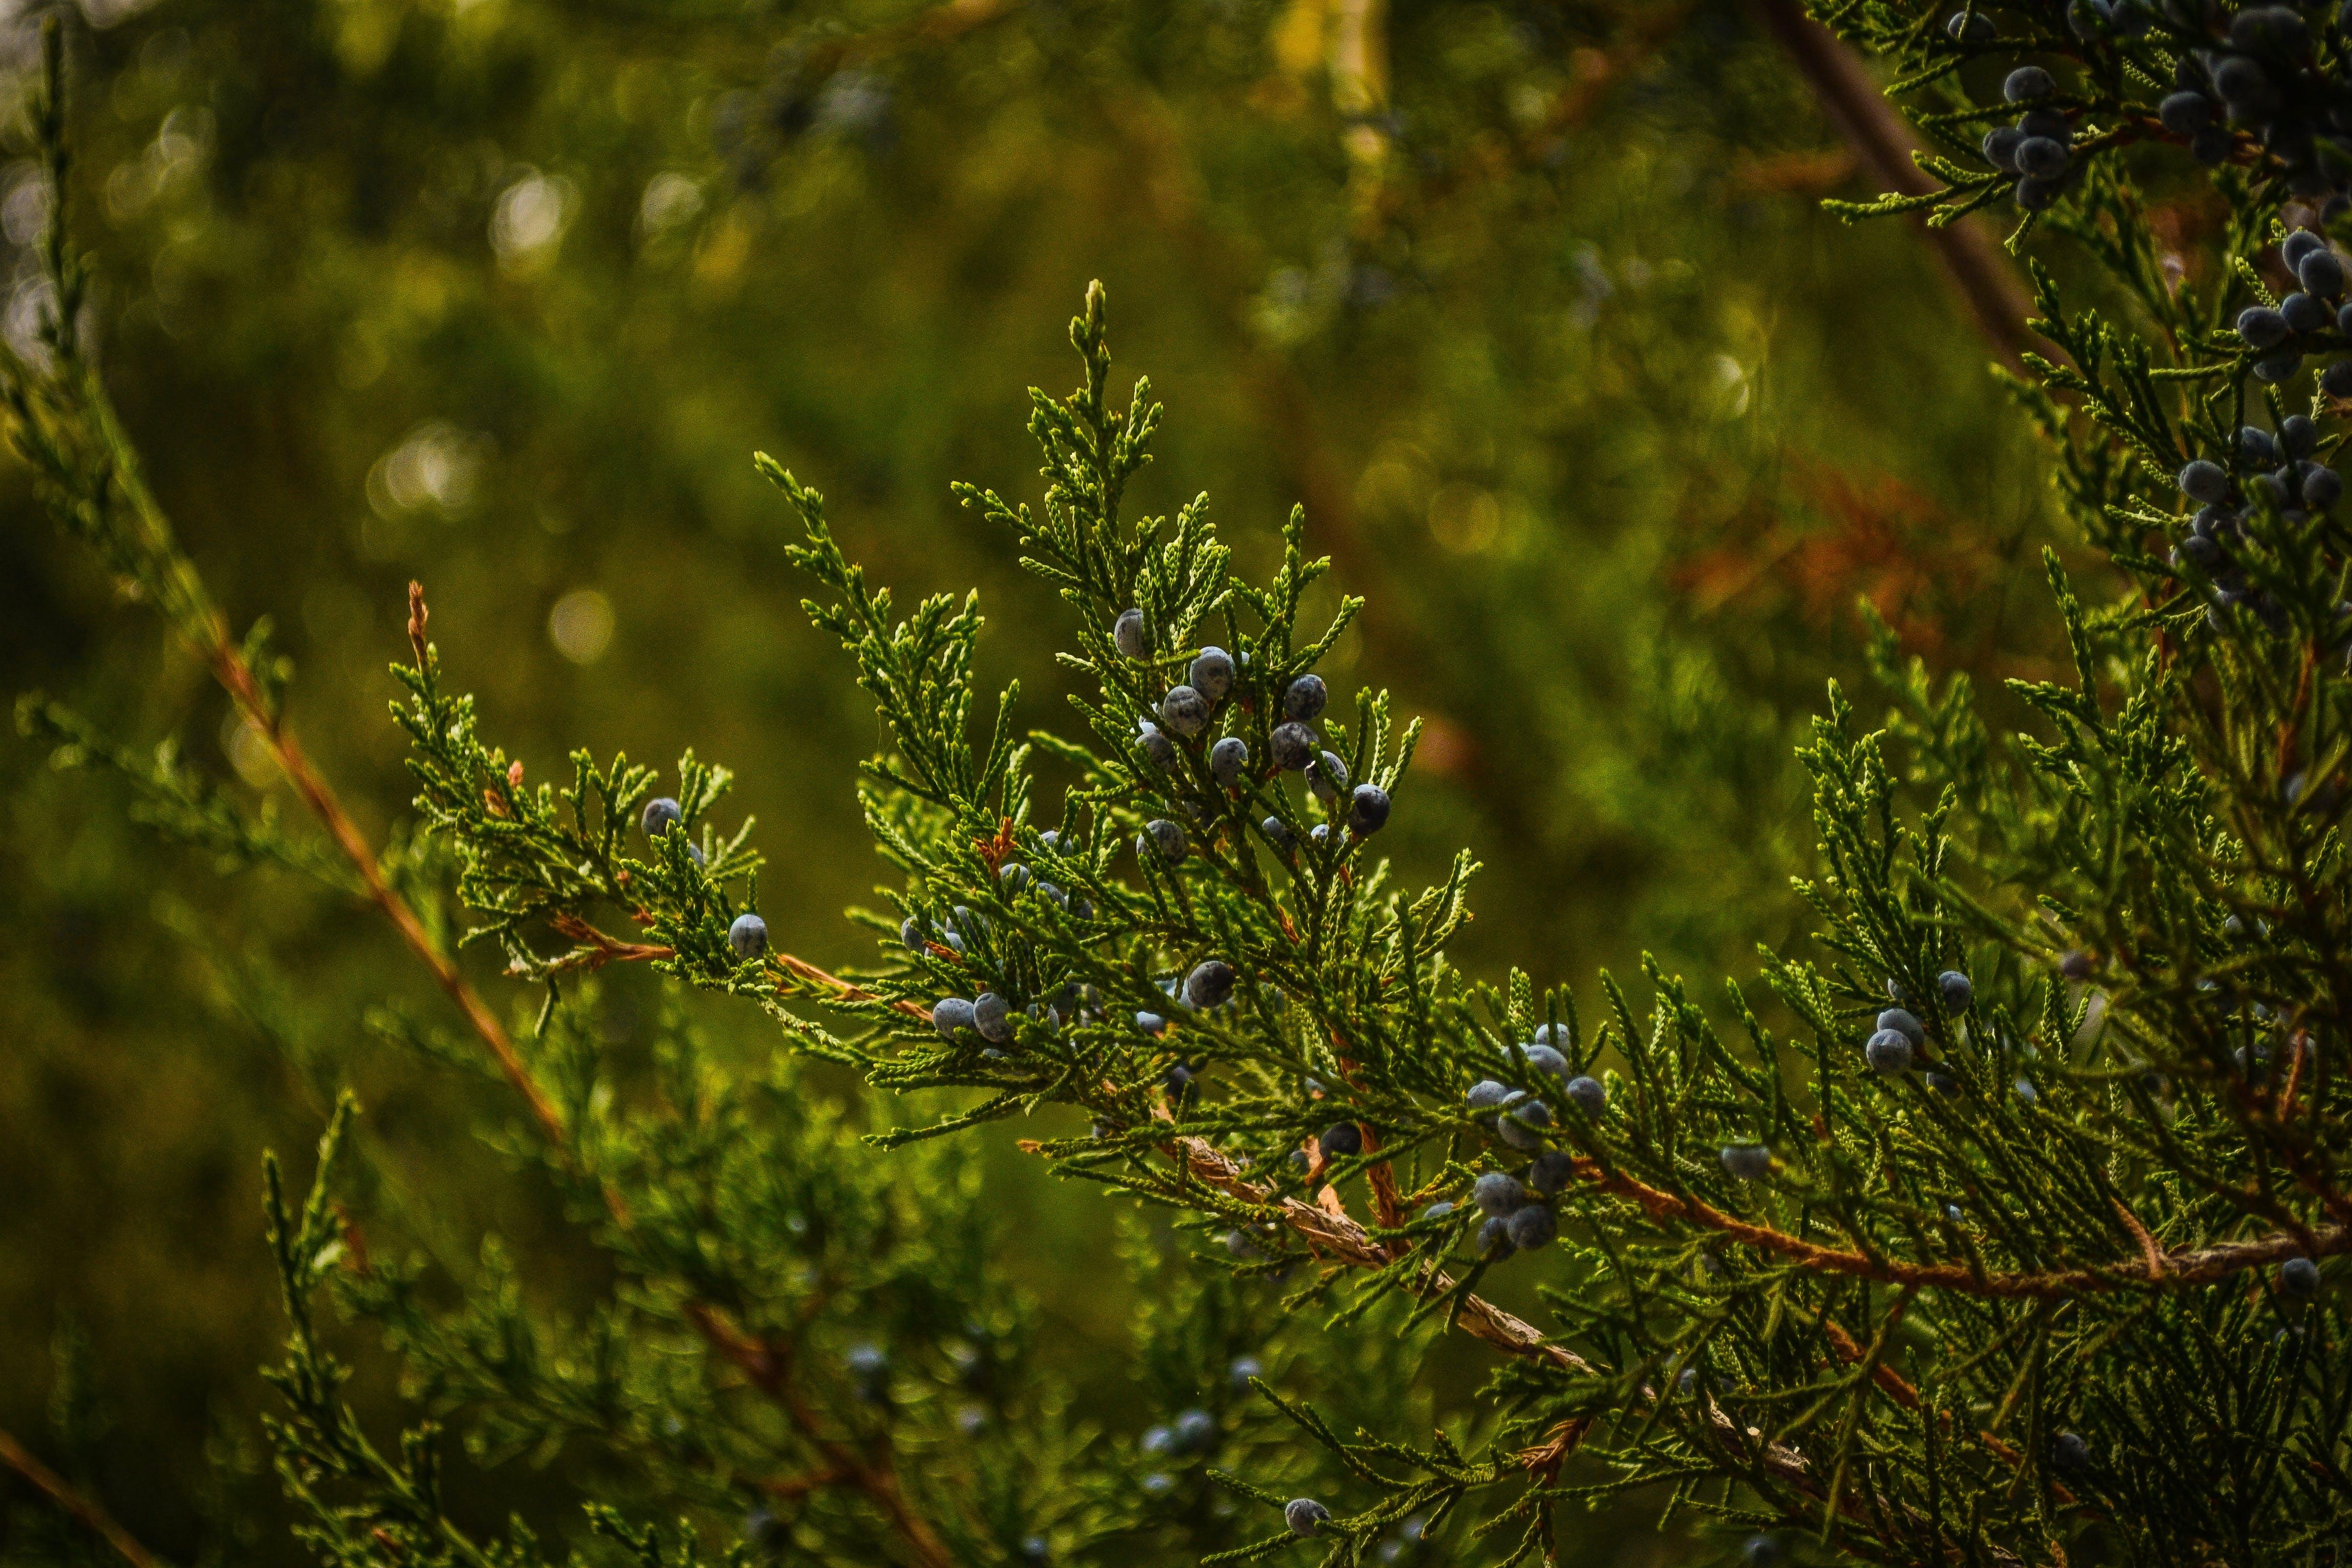 Gratis stockfoto met close-up, concentratie, coniferen, dennen